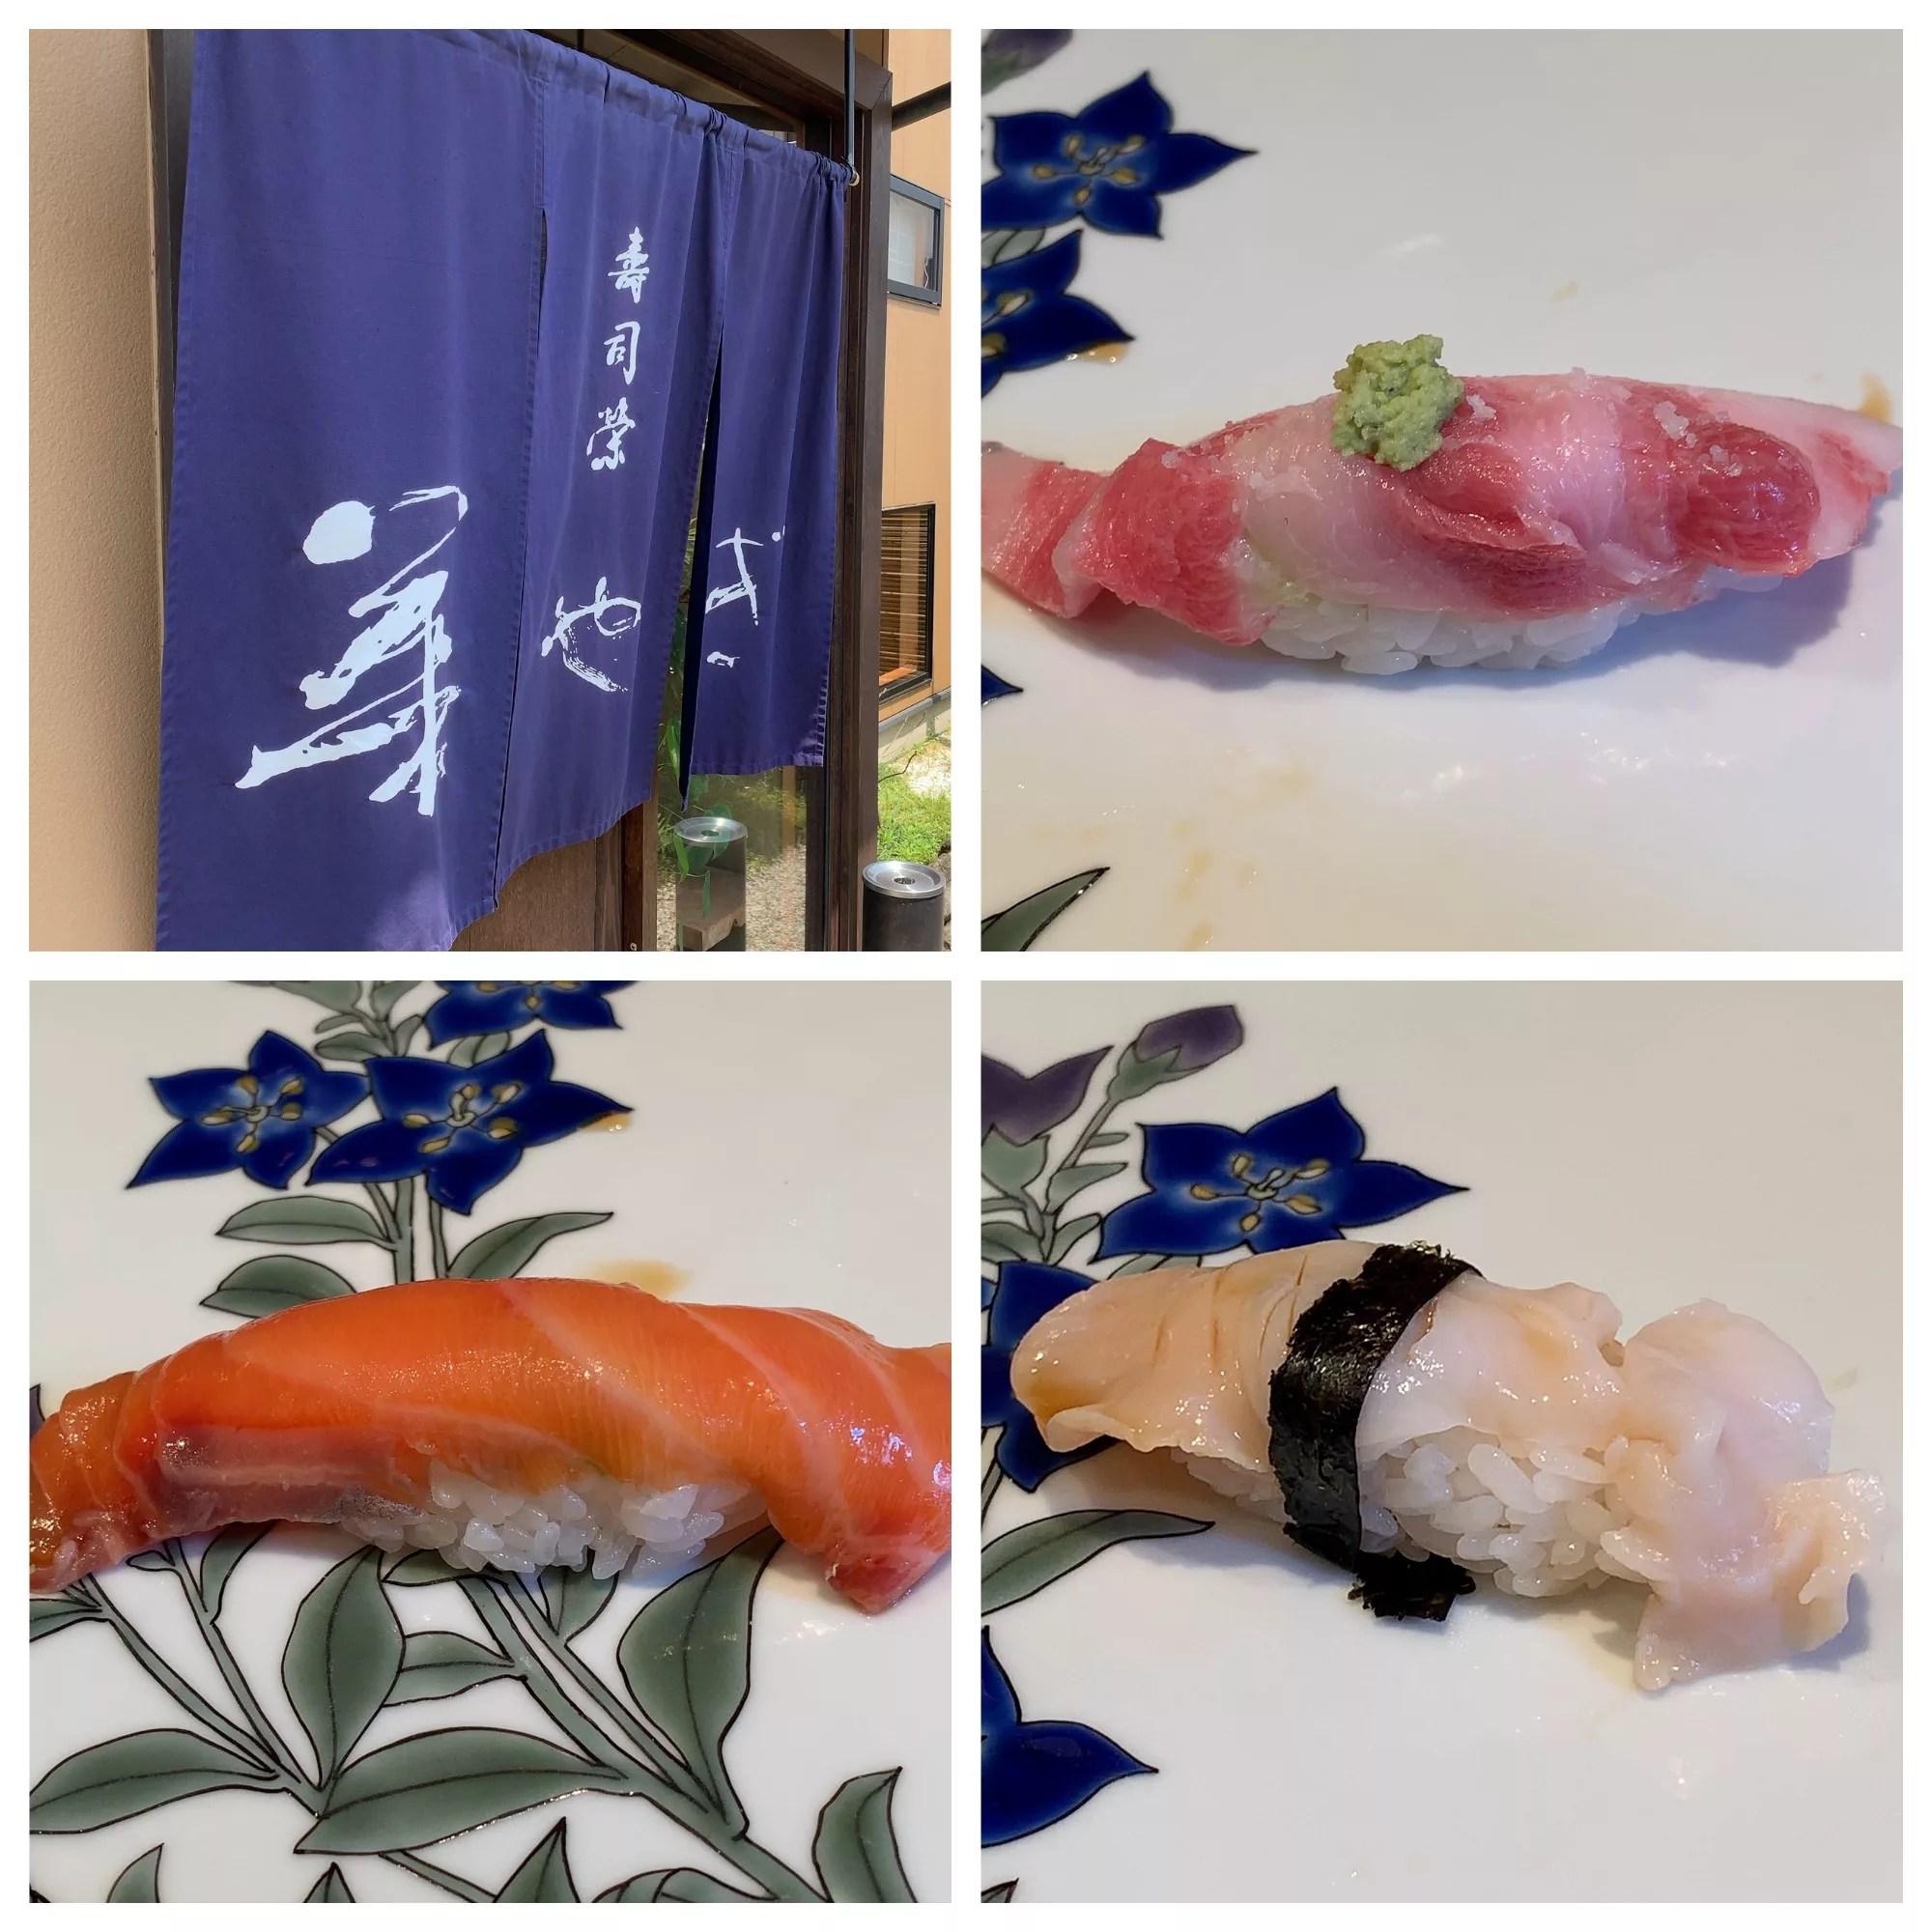 【富山グルメ】寿司栄華やぎ(富山ならではのネタも楽しめる充実の6000円ランチコース)